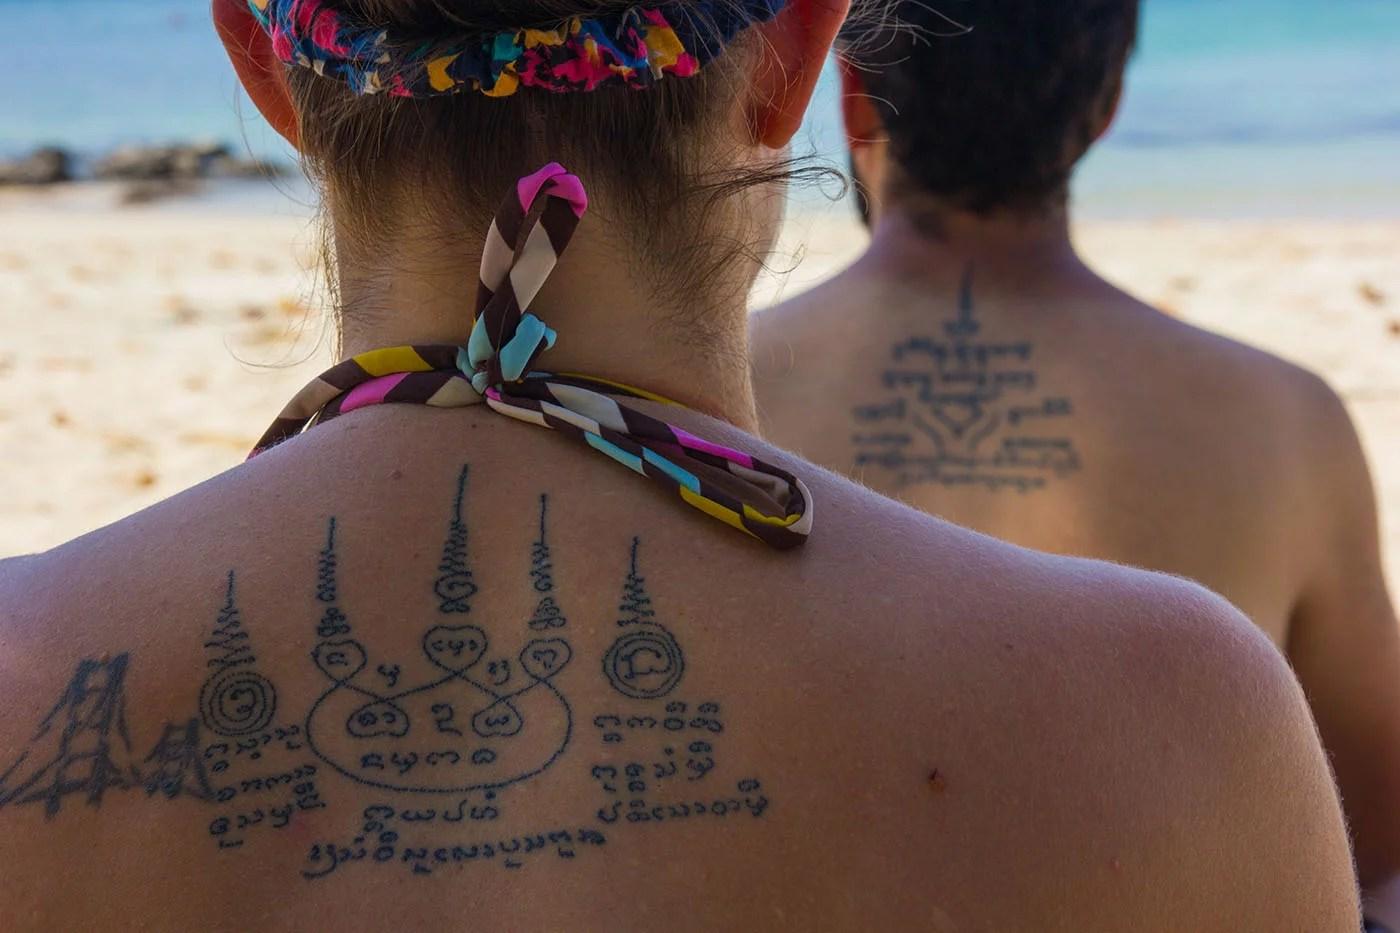 ViraVolta, Volta ao Mundo, Viagem pelo Mundo, Viagem Longo Prazo, Mochileiros, Experimente, Tatuagem com monge